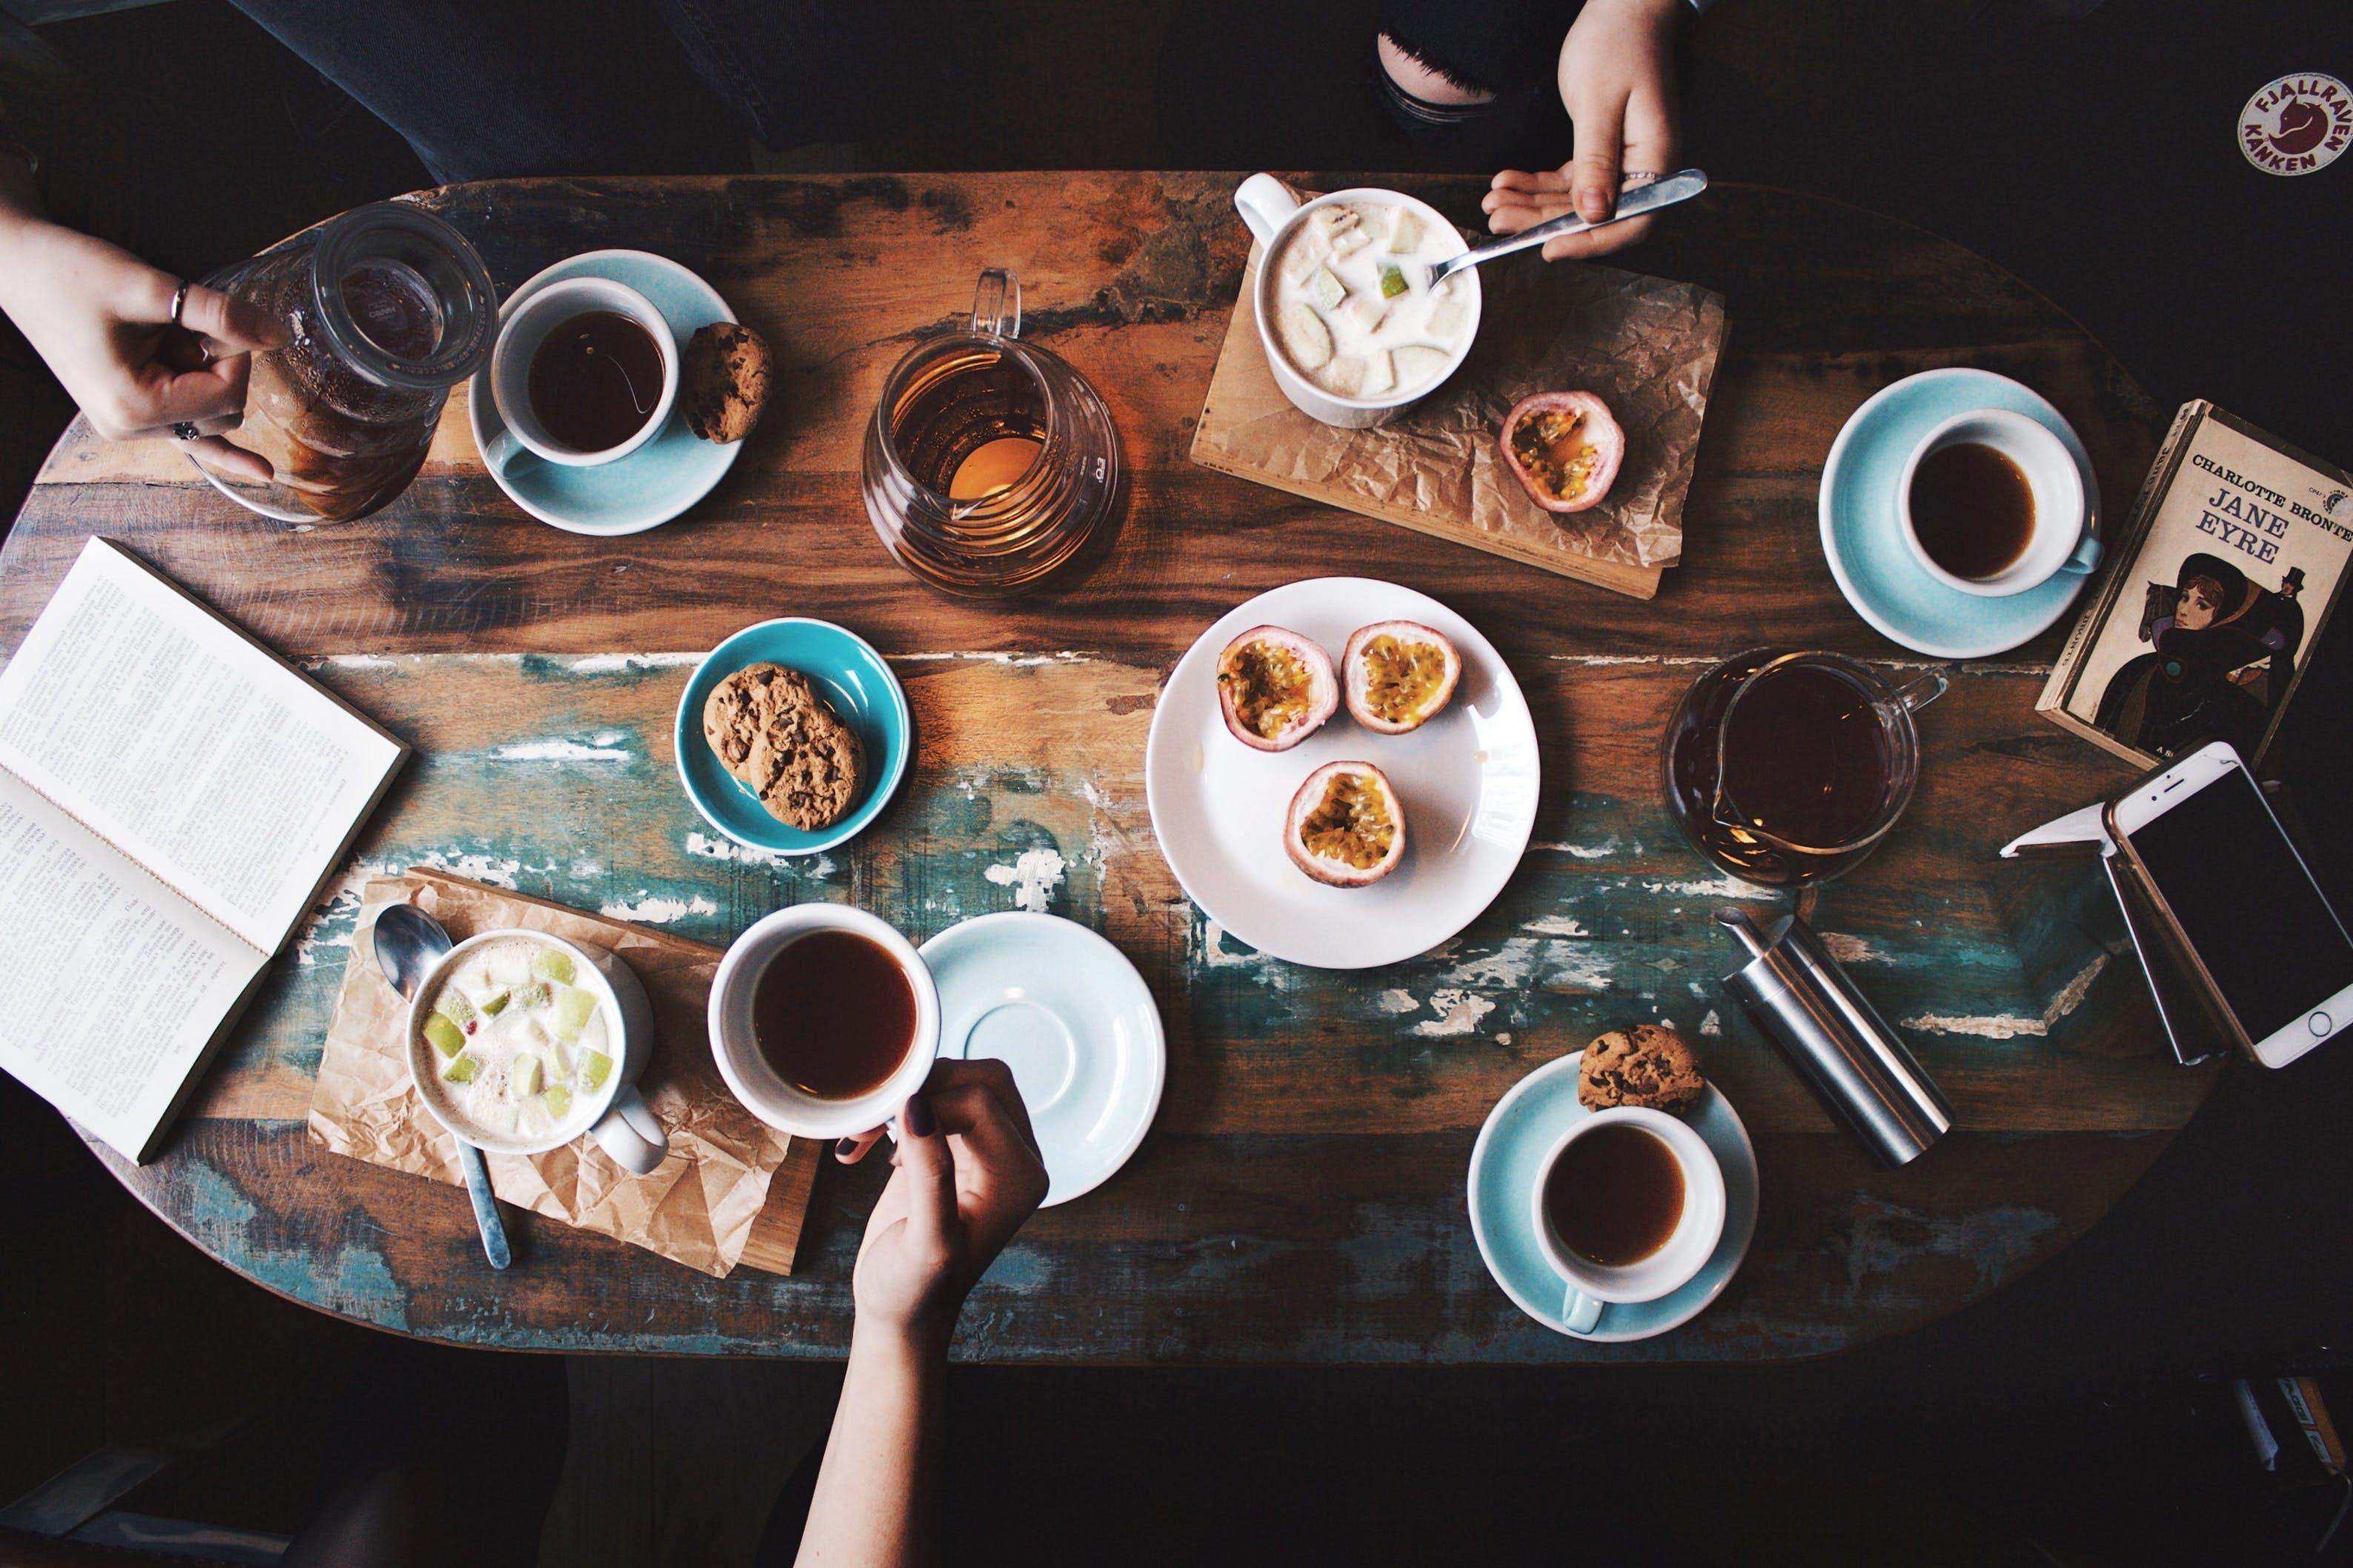 Kostenloses Stock Foto zu café, essen, fokus, getränke